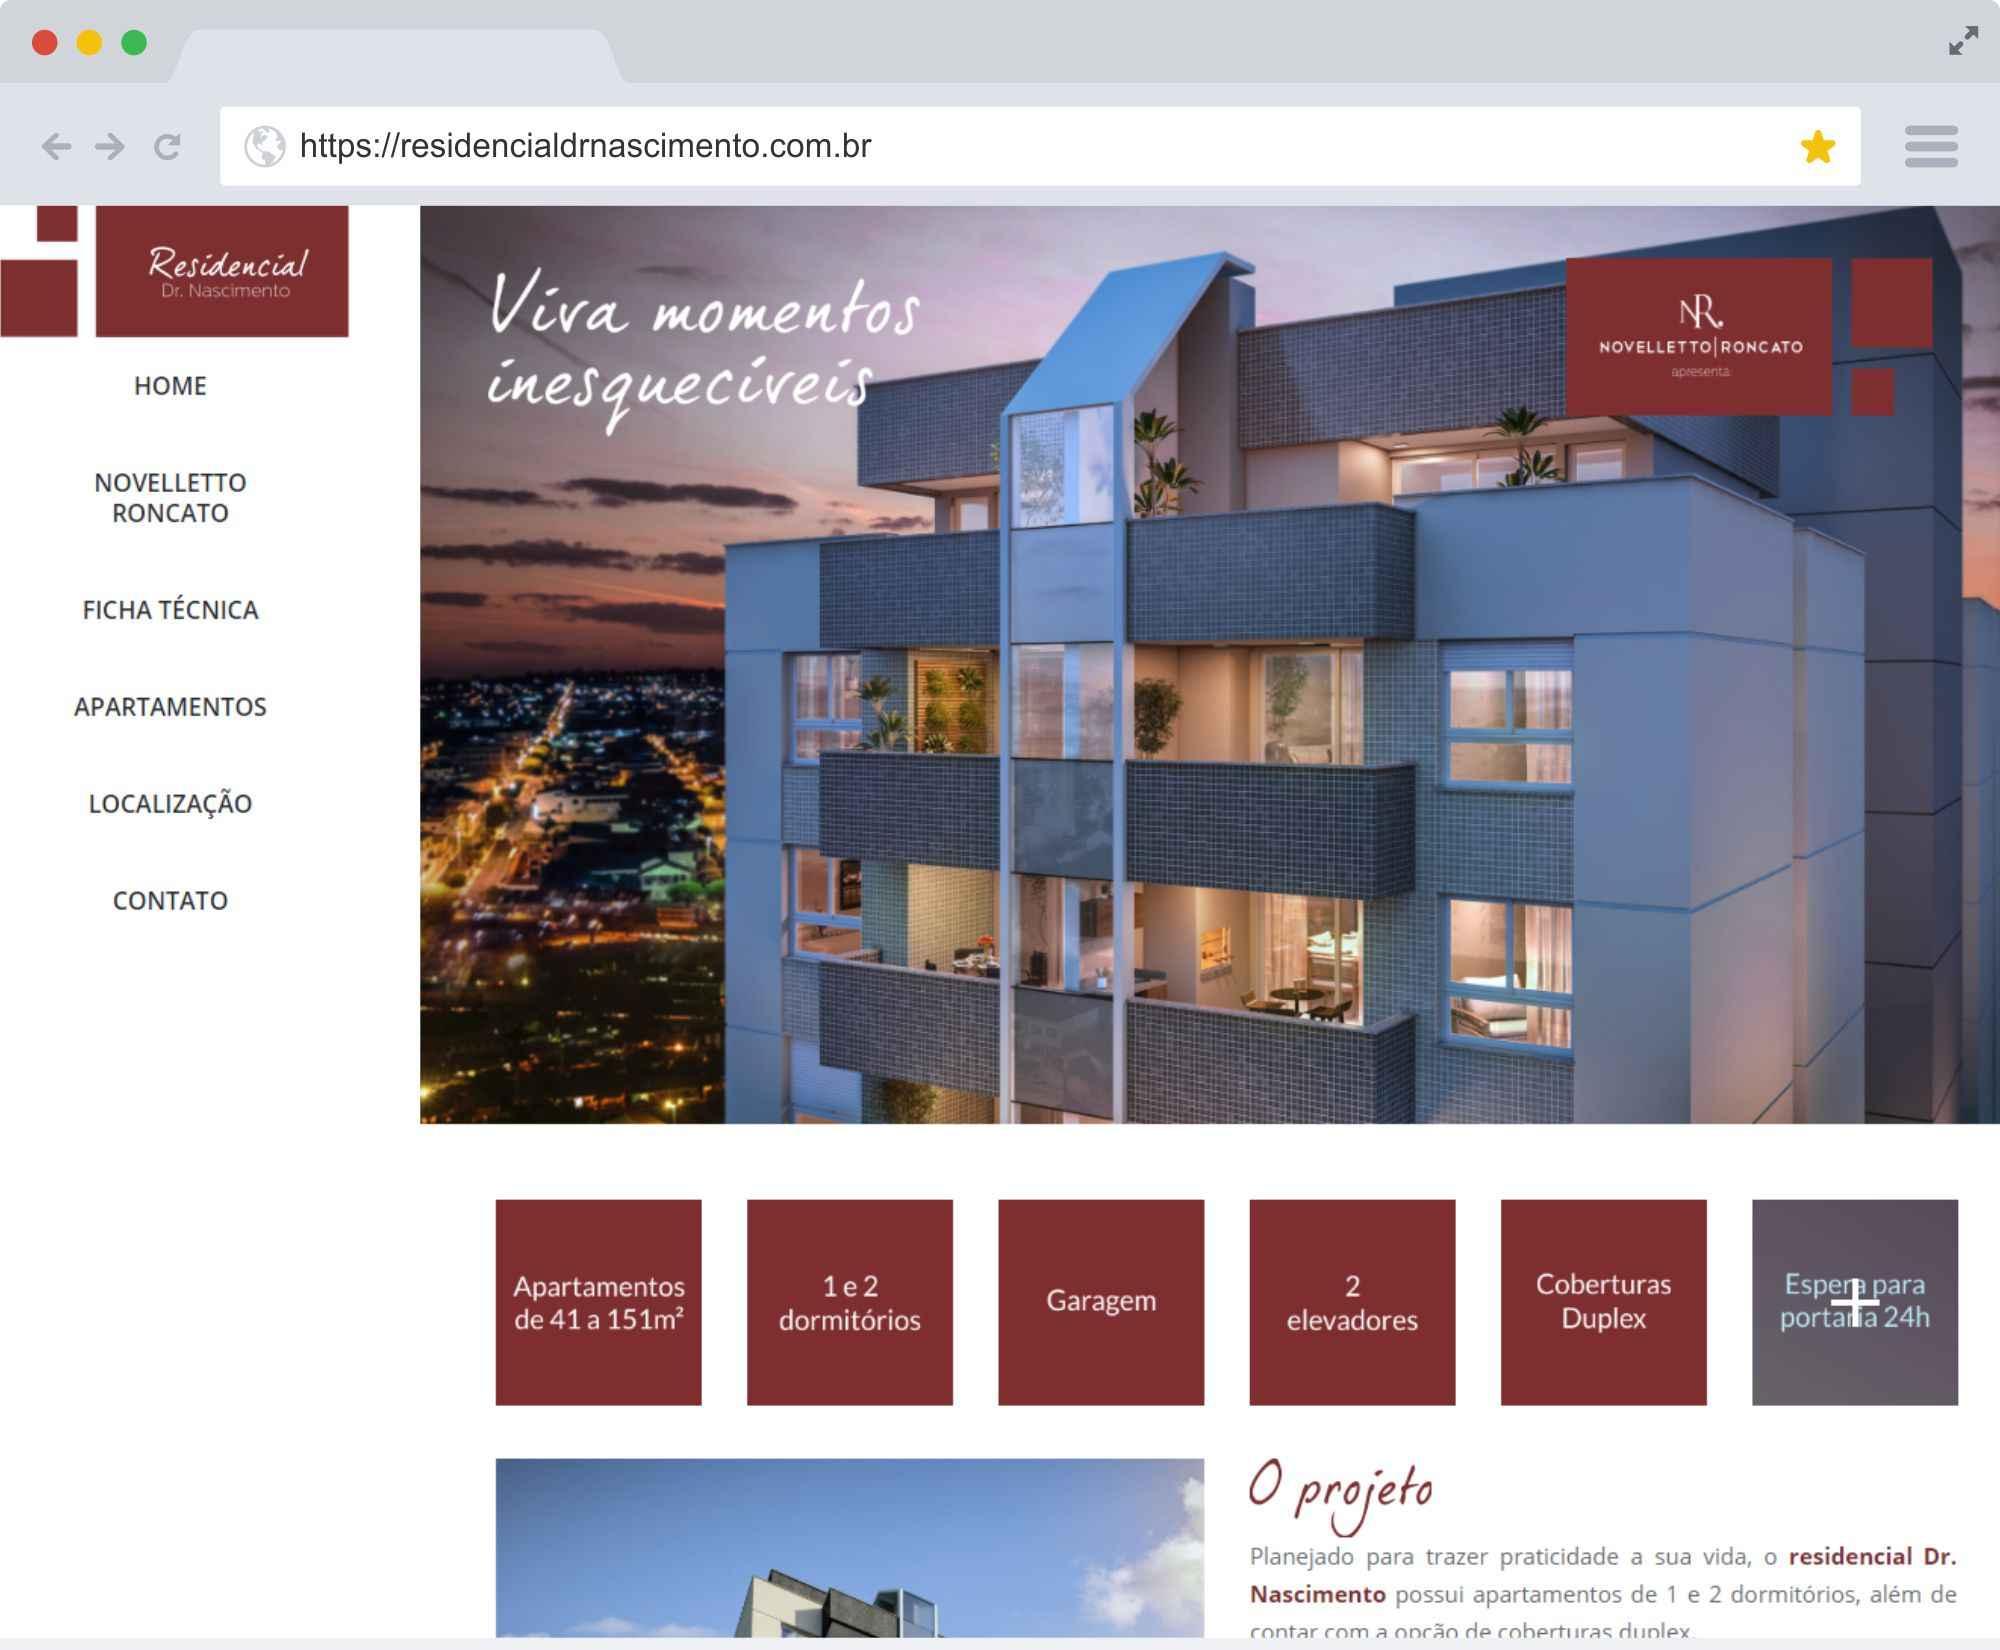 residencialdrnascimento.com.br